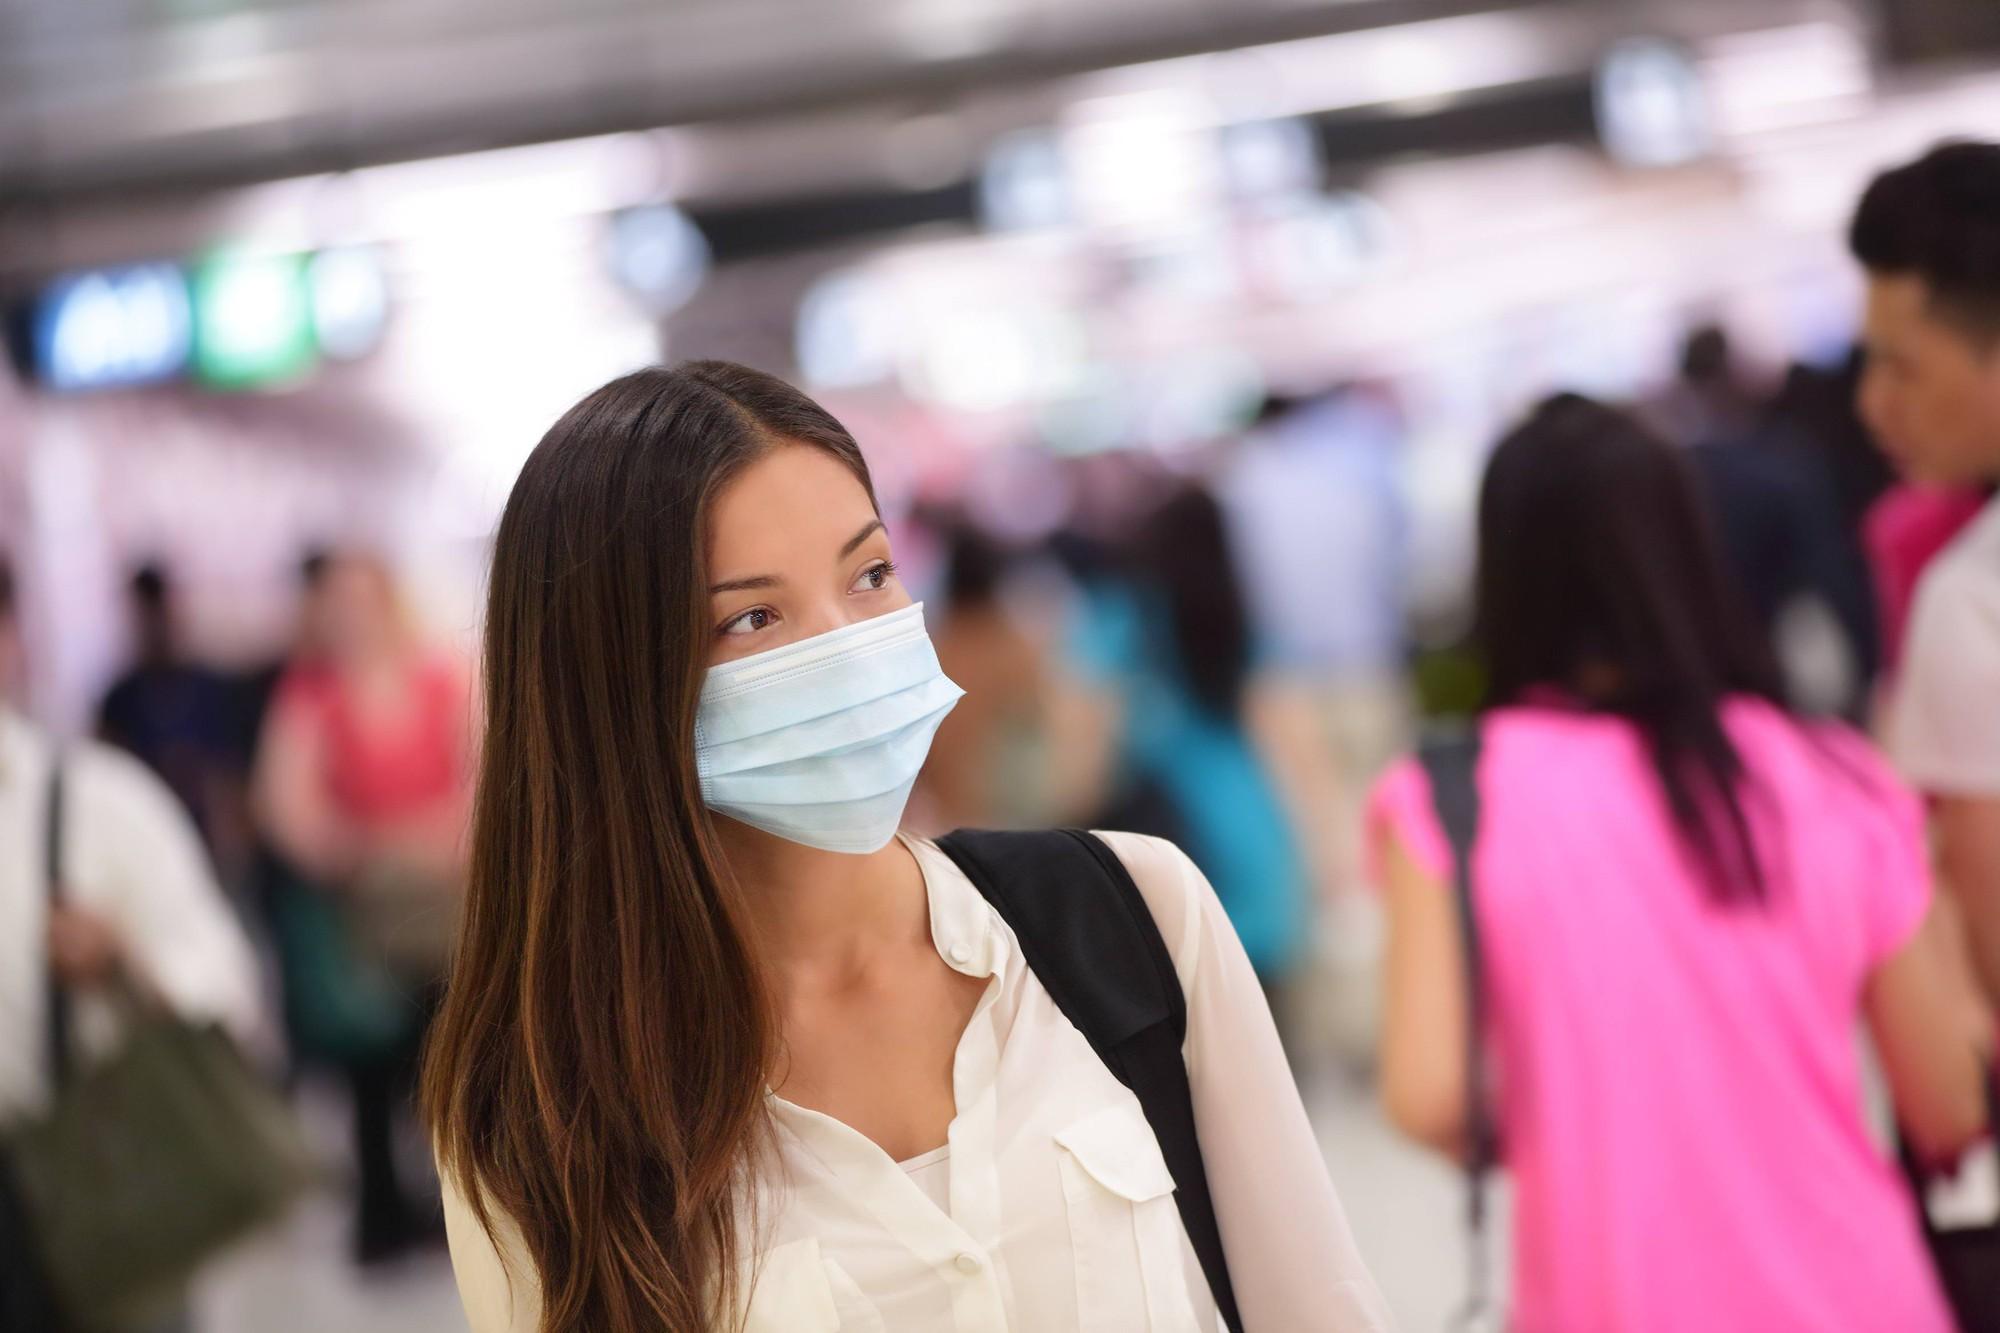 Ổ dịch cúm A/H1N1 lớn chưa từng có ở BV Từ Dũ: Làm ngay những điều này để phòng tránh bệnh - Ảnh 3.